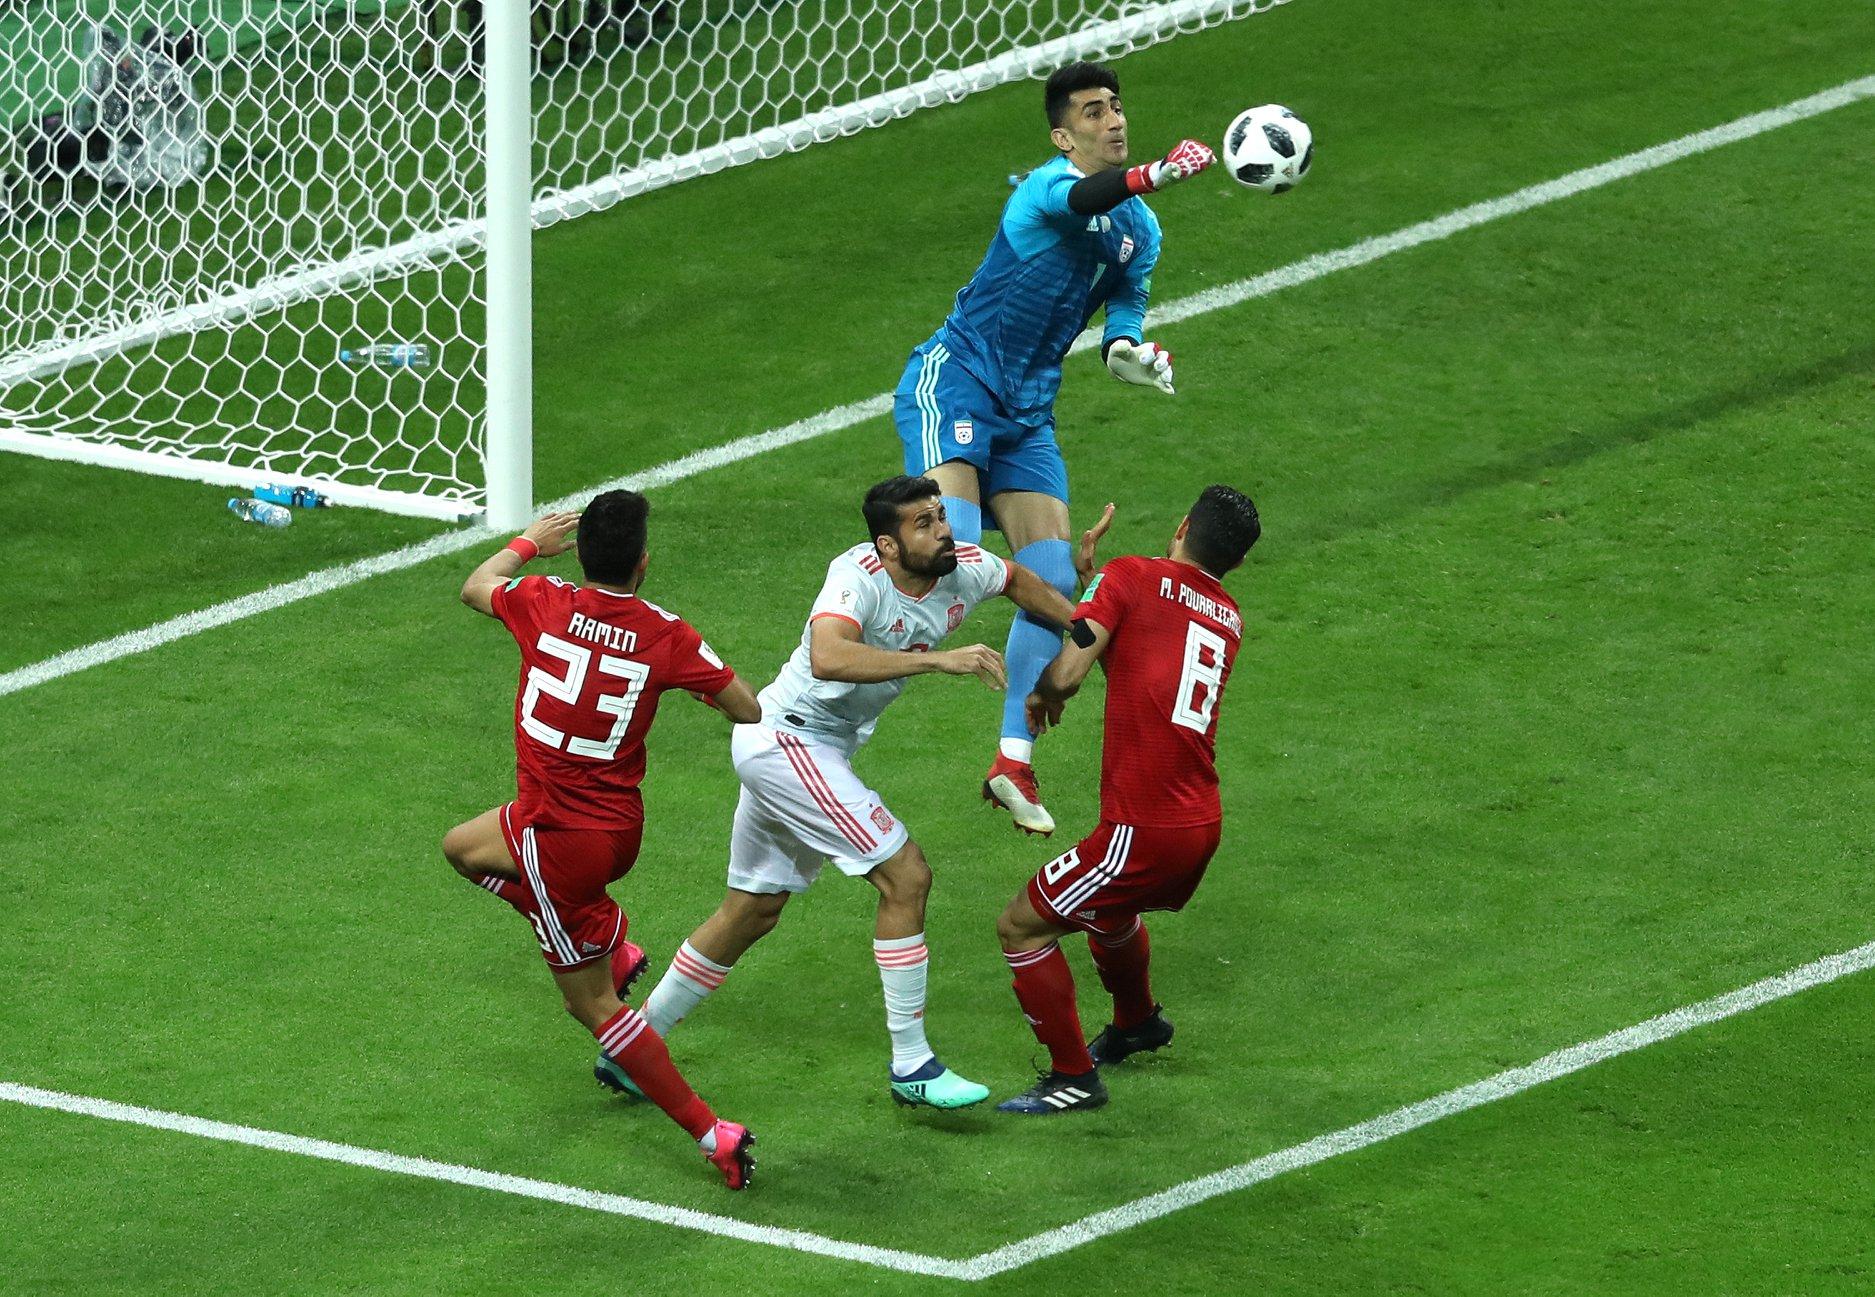 Bảng xếp hạng bảng B World Cup 2018: Bồ Đào Nha và Tây Ban Nha 'lên đỉnh'